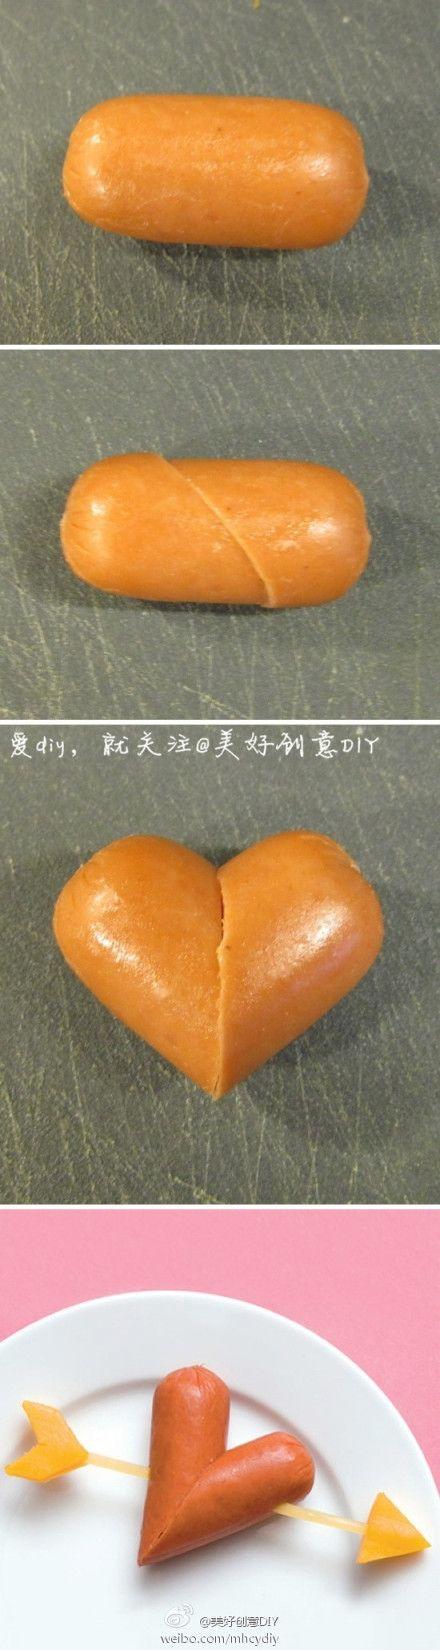 爱心 火腿 肠 ~ - 更多 有趣 内容, 请 关注 @ 美好 创意 DIY (http://t.cn/zOR4l2D)